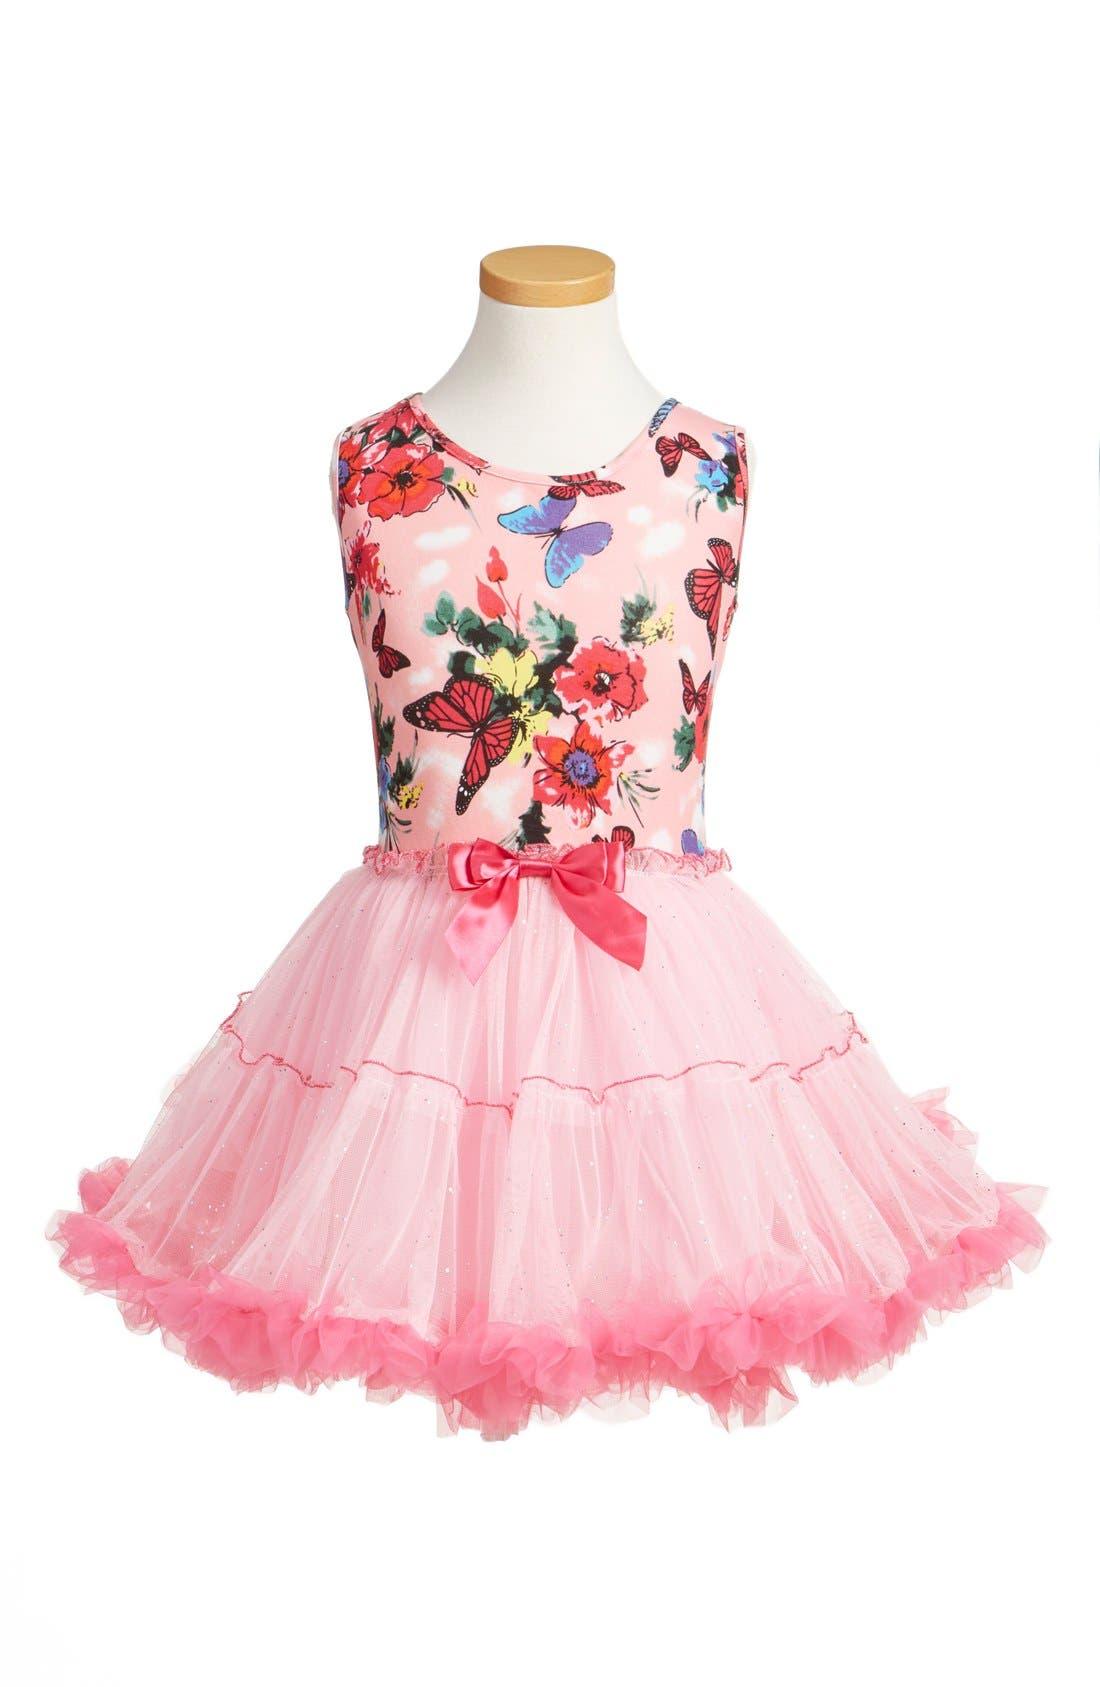 POPATU Butterfly Print Tutu Dress